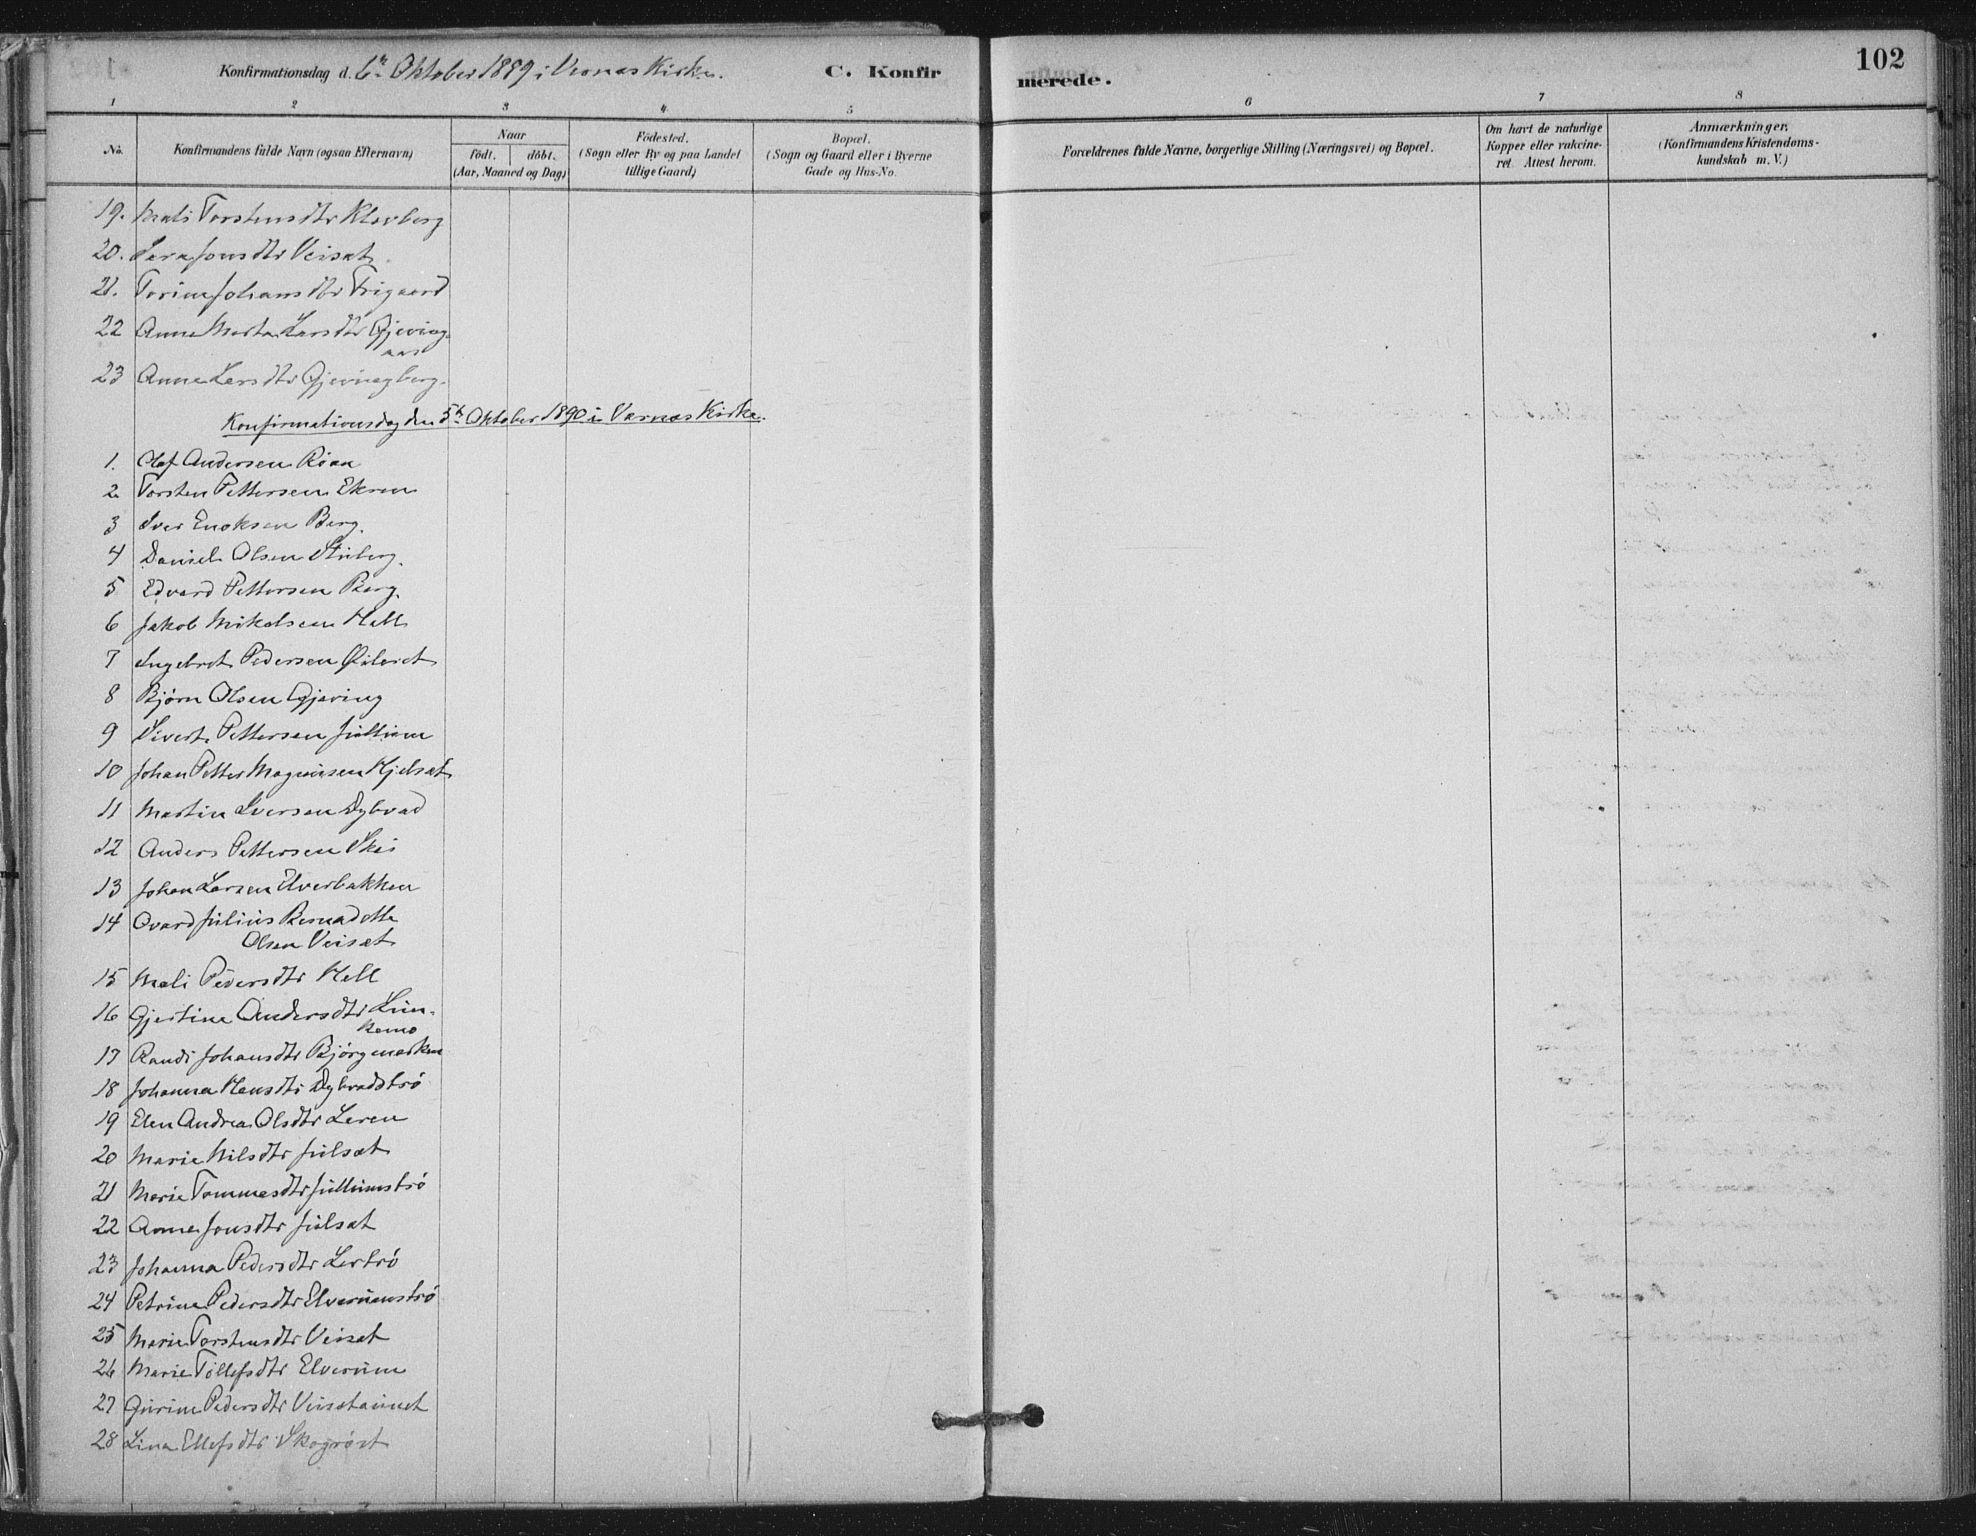 SAT, Ministerialprotokoller, klokkerbøker og fødselsregistre - Nord-Trøndelag, 710/L0095: Ministerialbok nr. 710A01, 1880-1914, s. 102